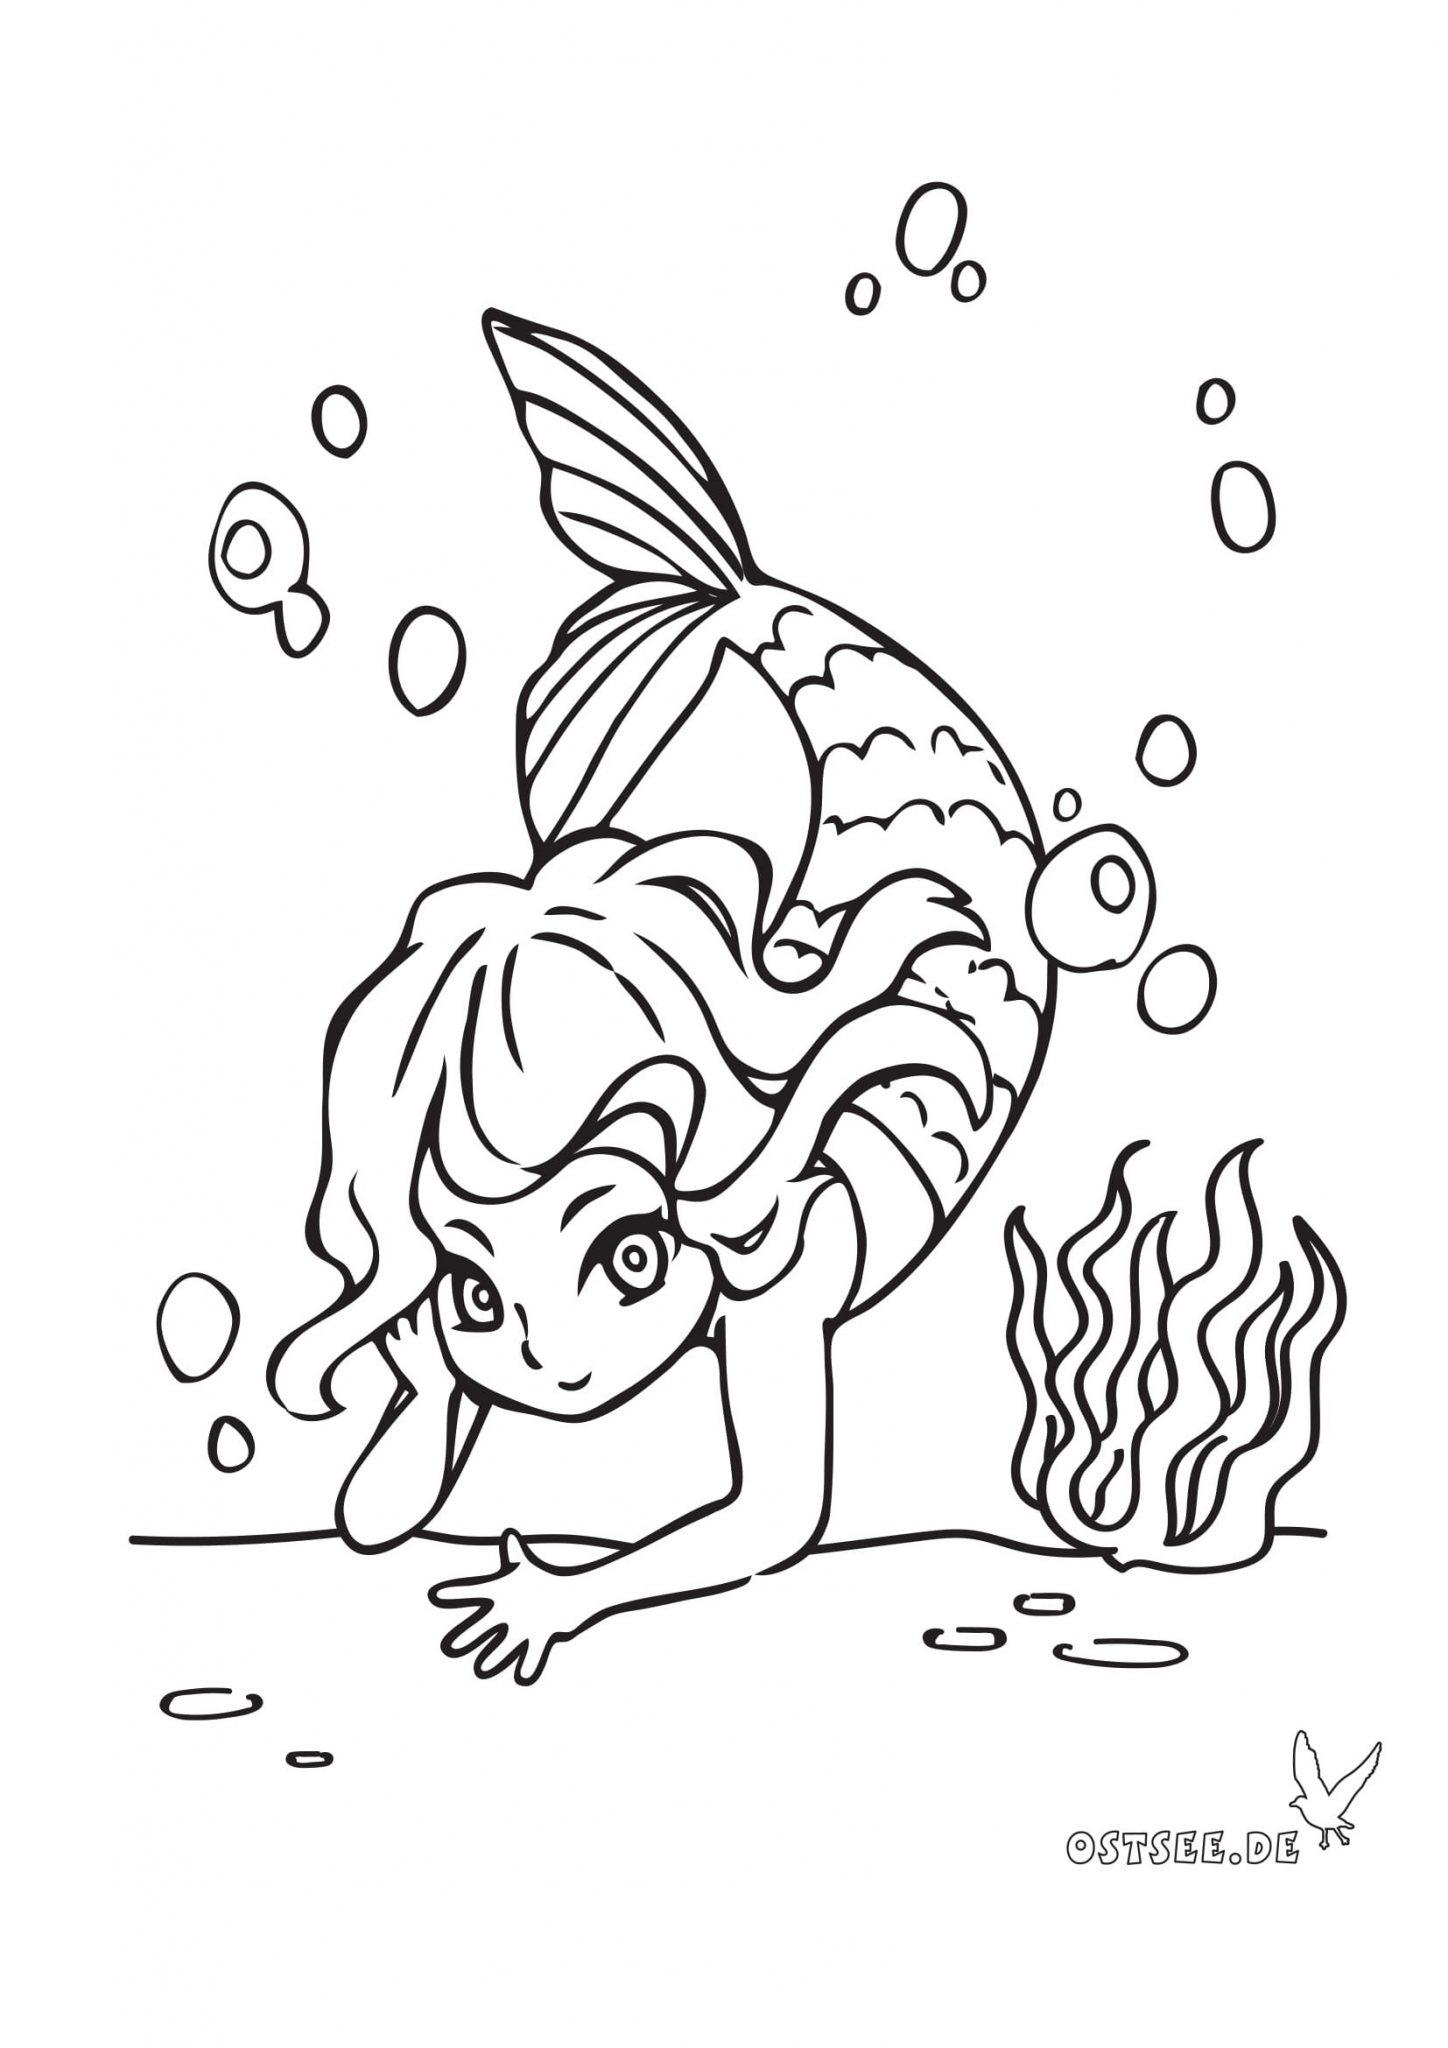 Kleine Meerjungfrau Als Ausmalbild Für Kleine Ostsee-Fans